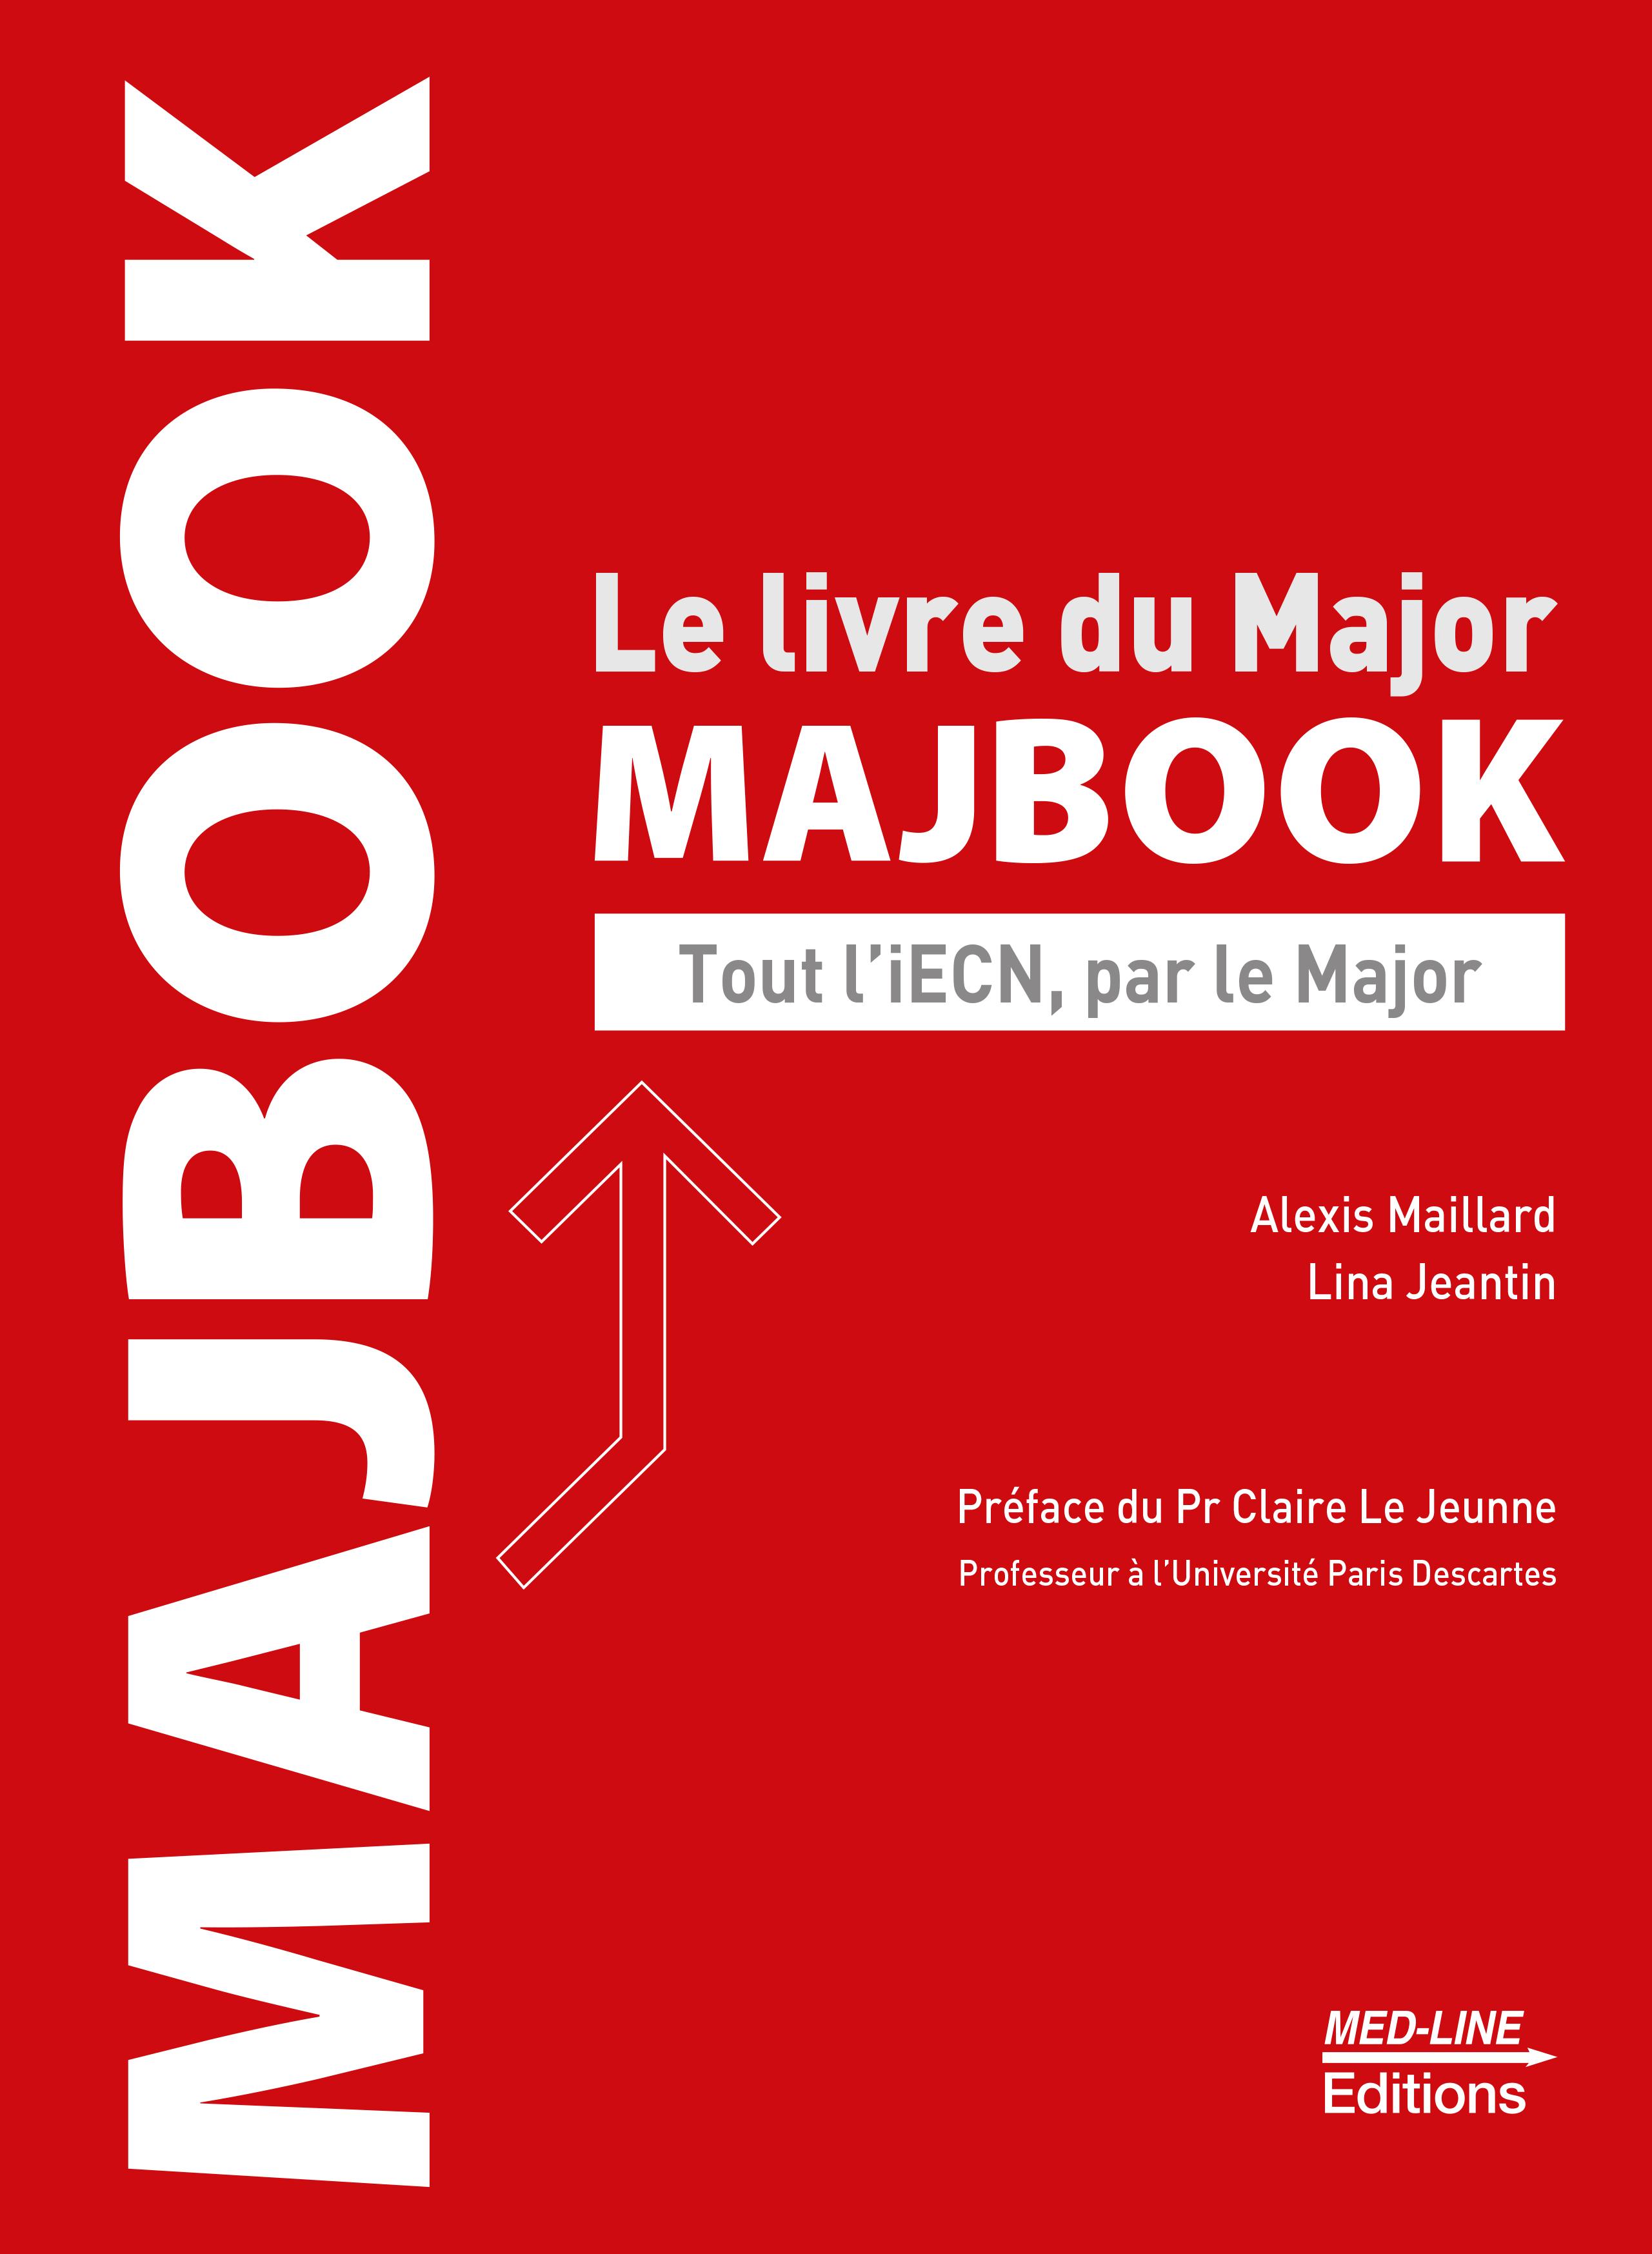 MAJBOOK